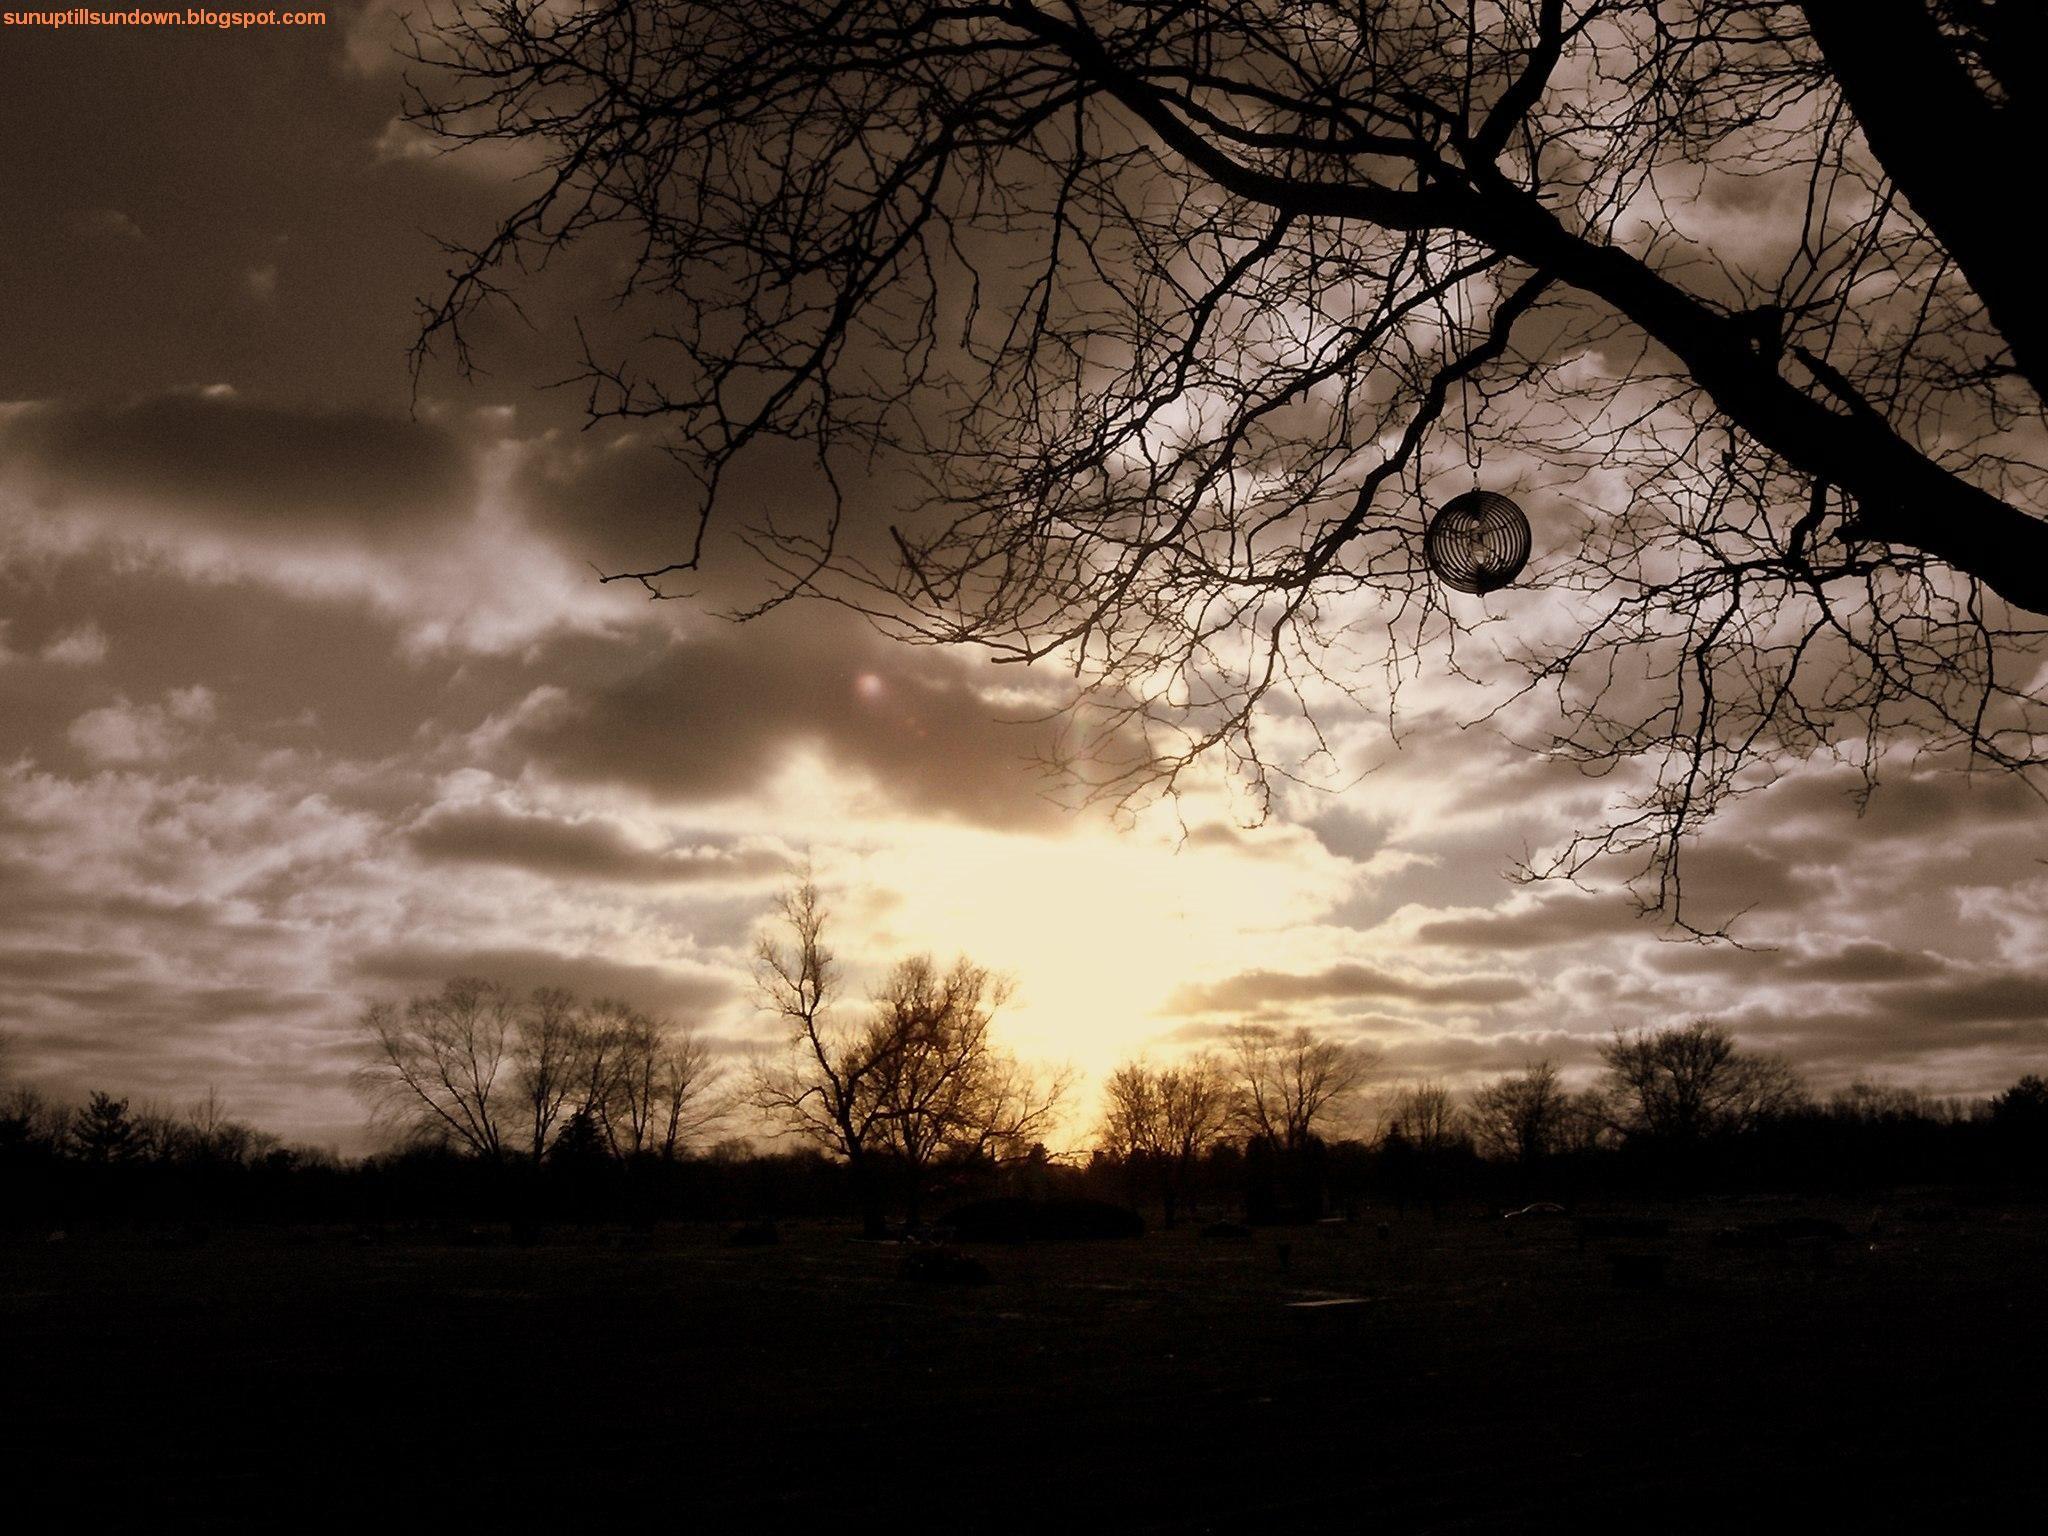 Sunset With Weird Tree.jpg (2048×1536)